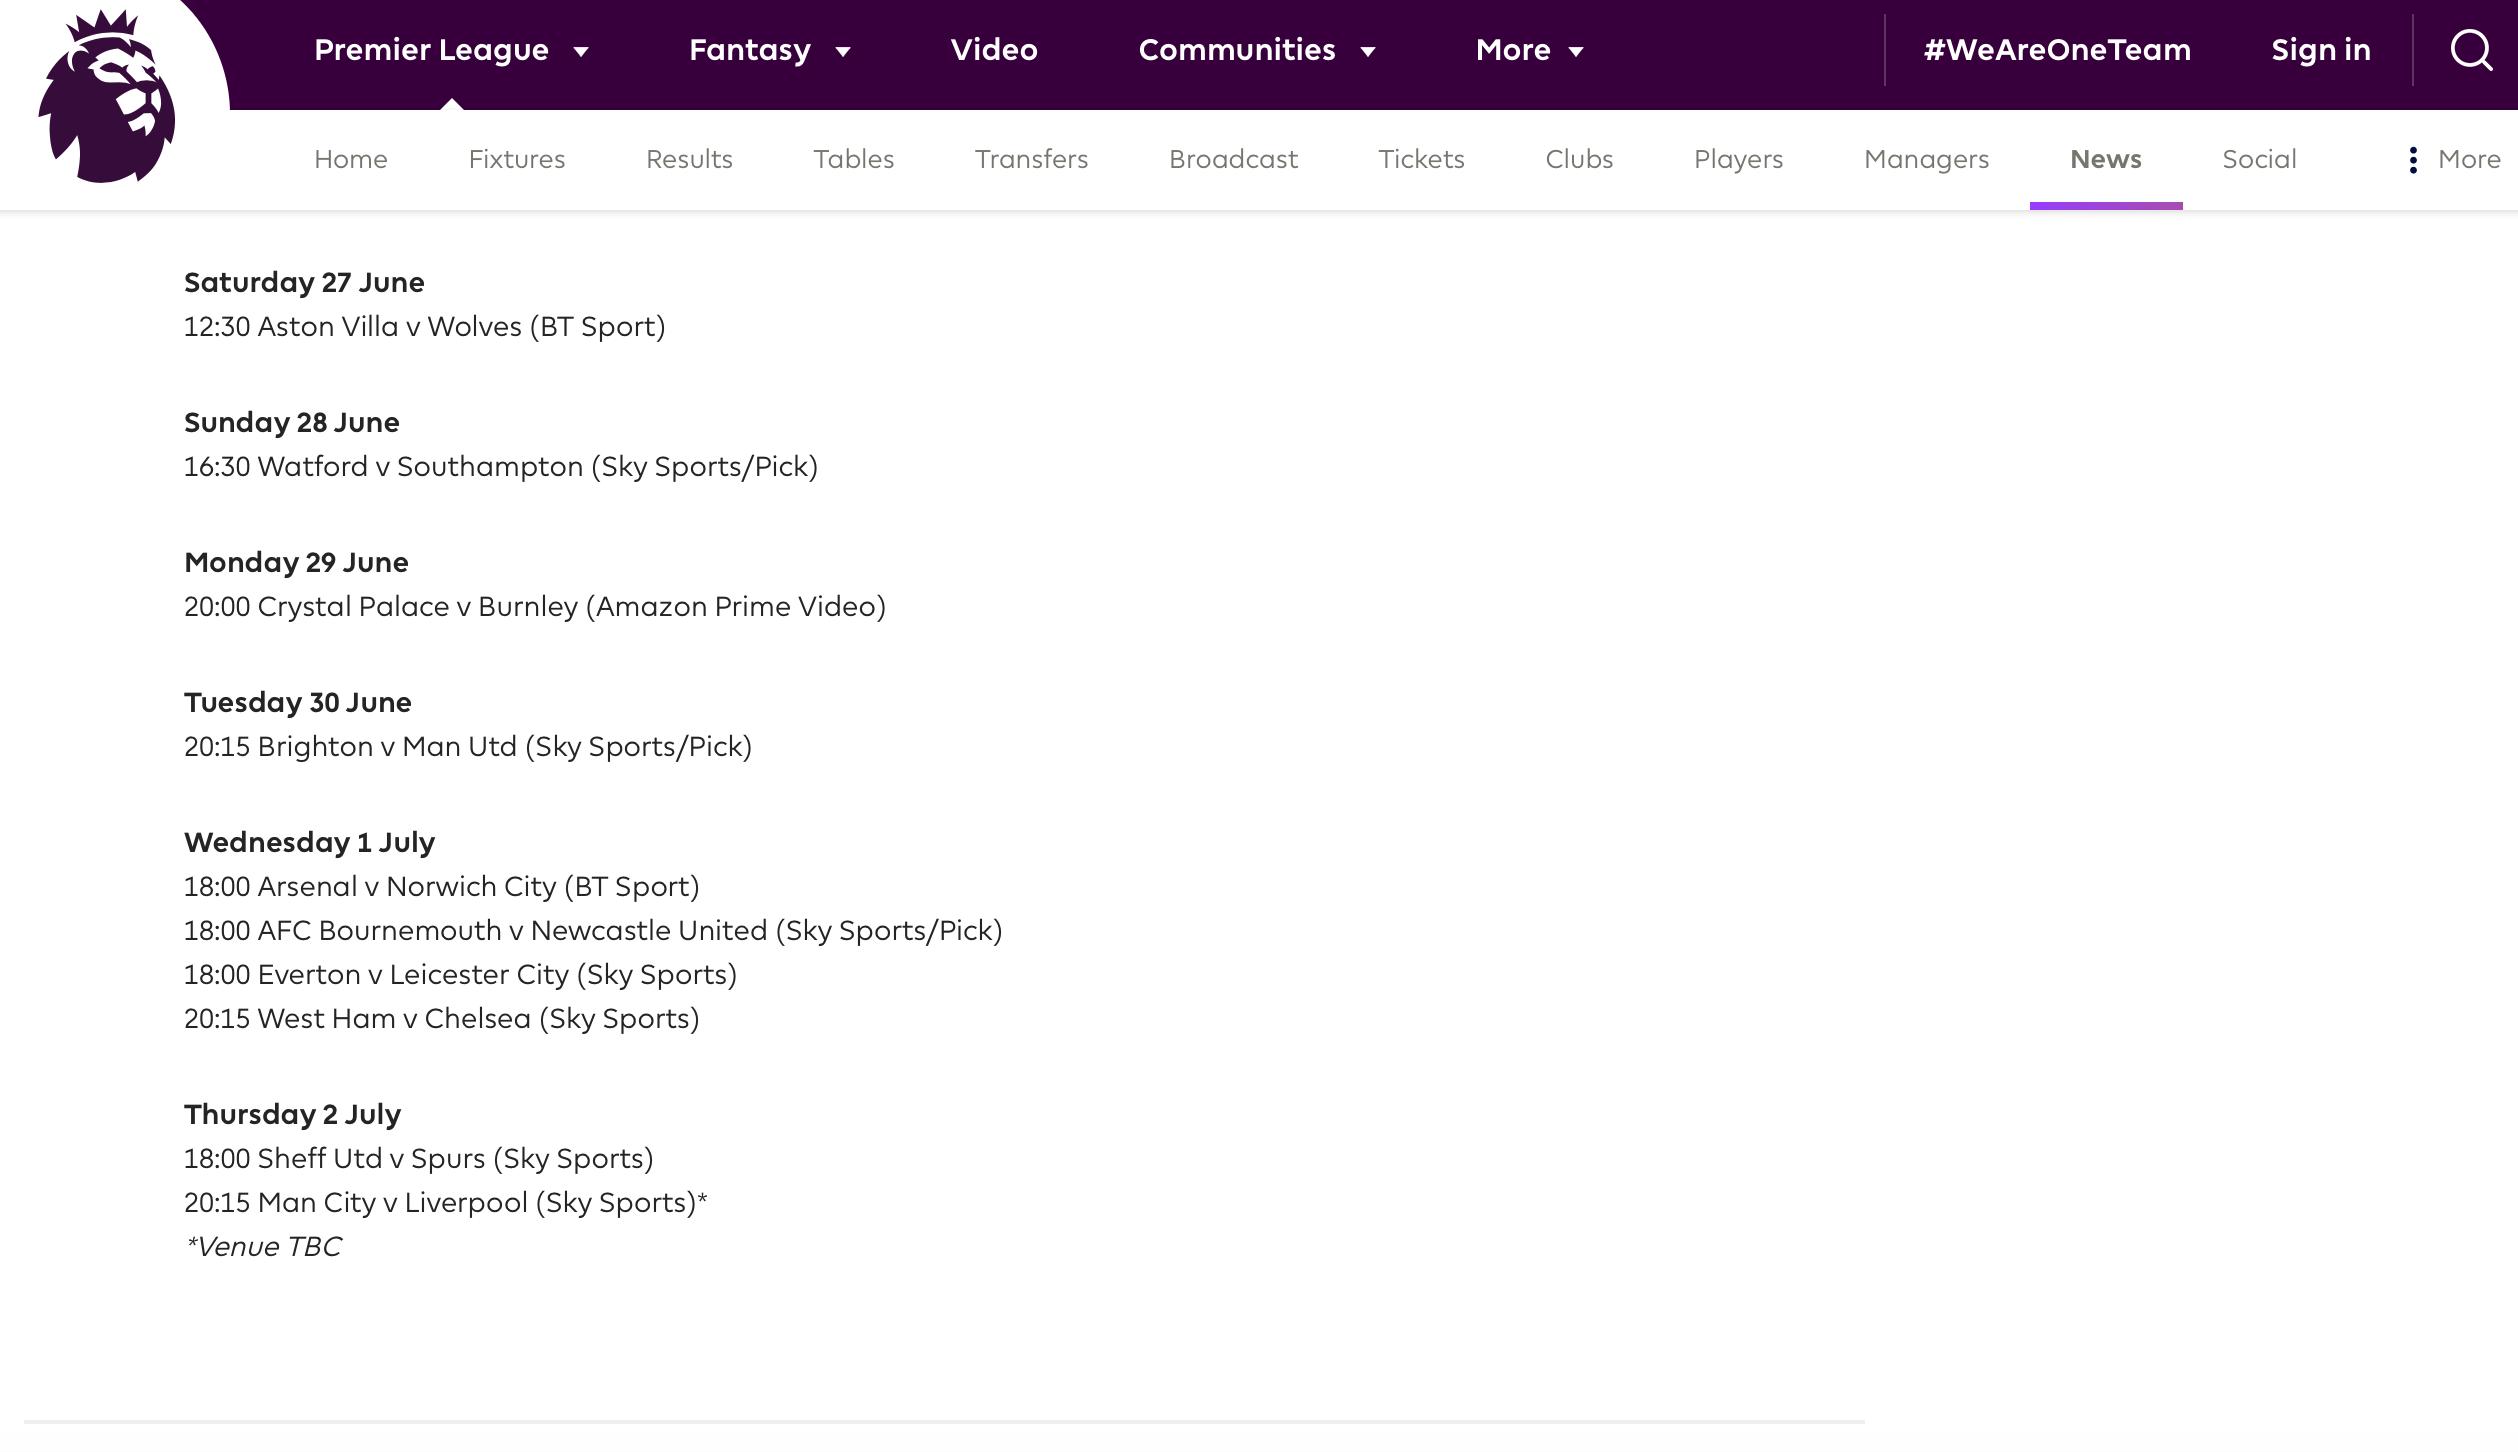 ¡Todo listo! Confirman fechas y horarios de las primeras tres jornadas del regreso de la Premier League